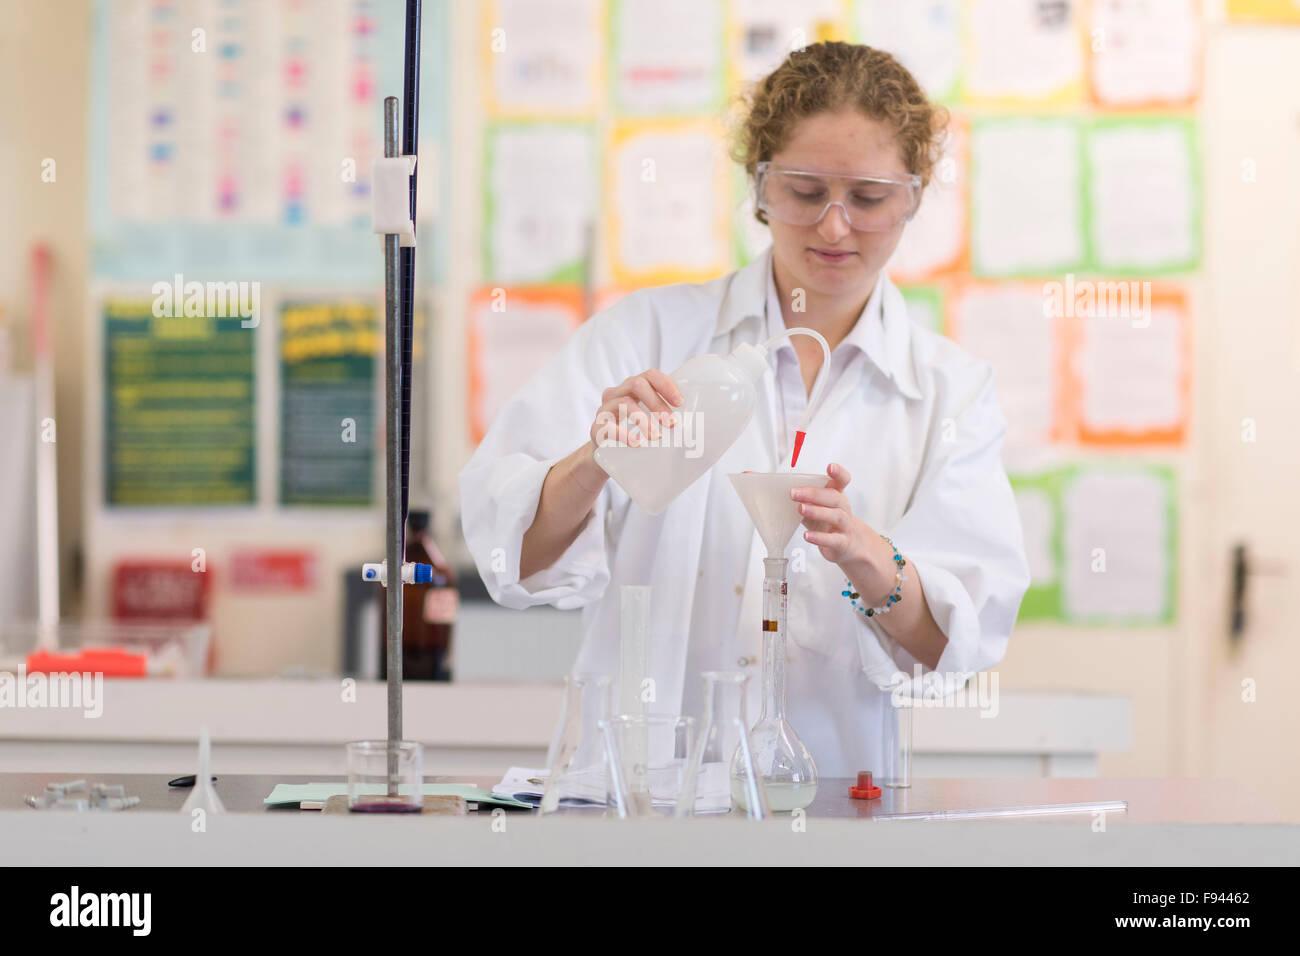 Biología Química un nivel gcse estudiante haciendo trabajos prácticos en el laboratorio. Imagen De Stock